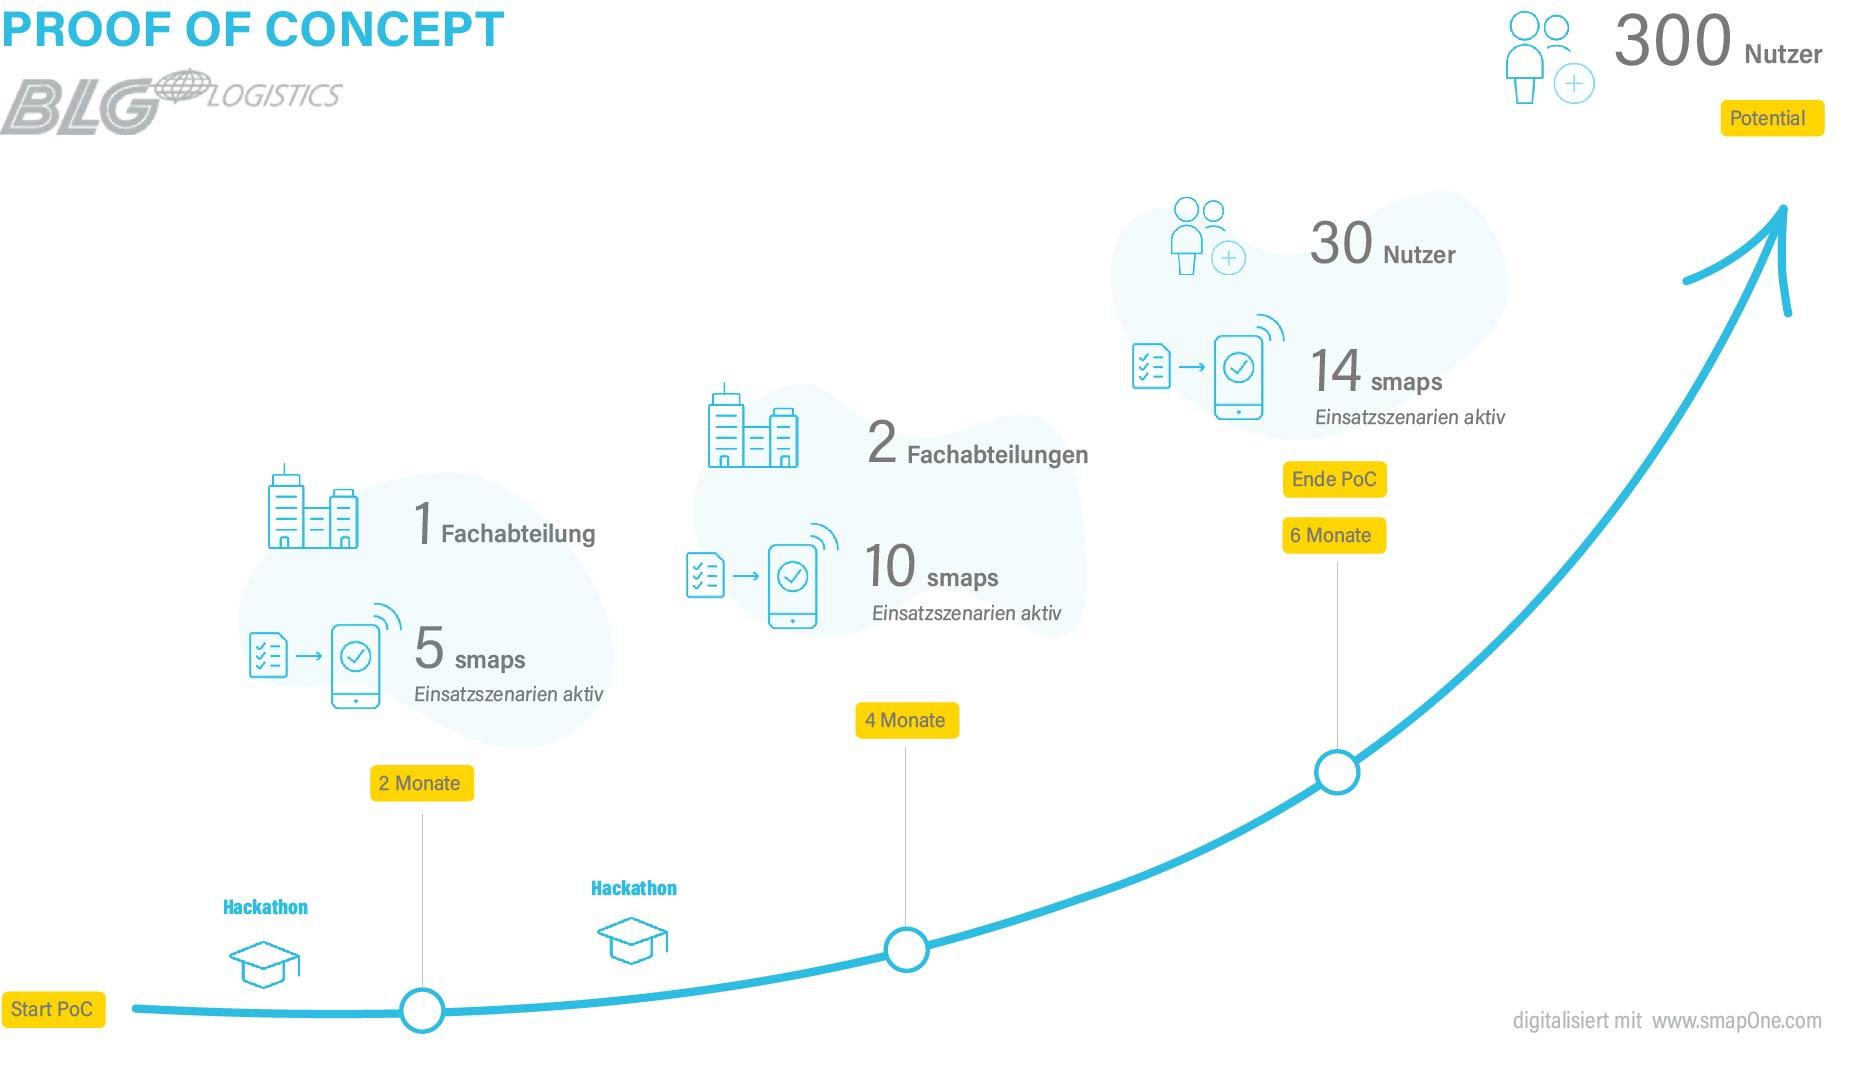 BLG Logistics nutzt PoC Angebot von smapOne für Digitalisierungsprojekte